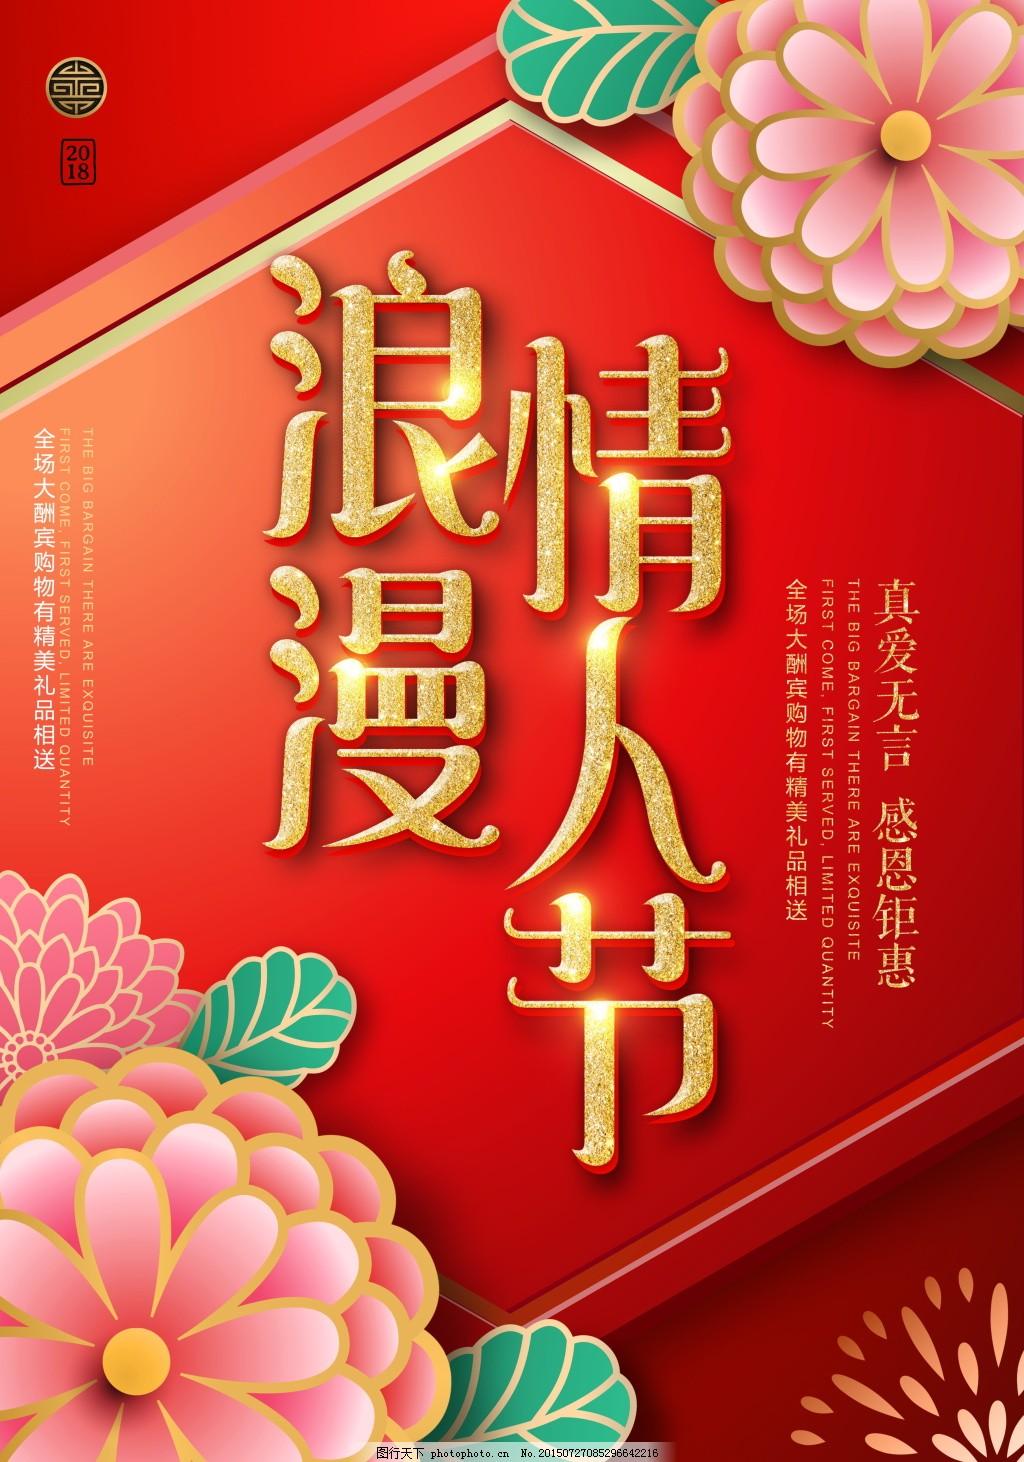 红色浪漫情人节海报设计 爱的礼物 爱心 粉色 红色心 花朵 花卉